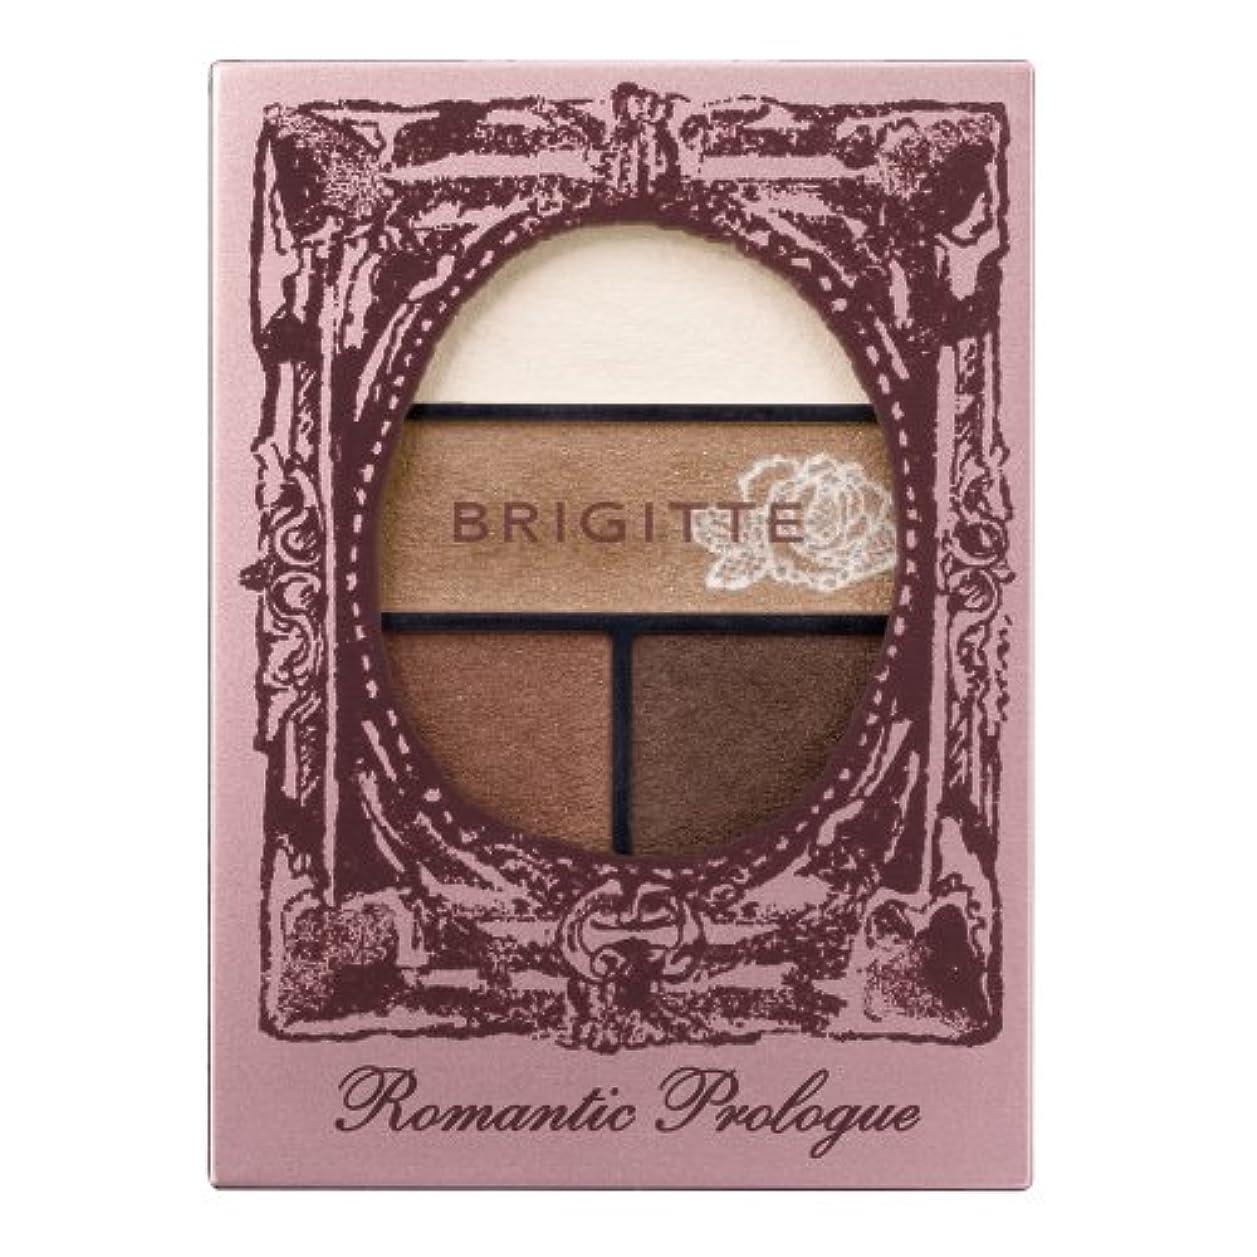 魔女ペパーミントトレーダーBRIGITTE(ブリジット) ロマンティック アイズ(アイシャドウ) BR-1